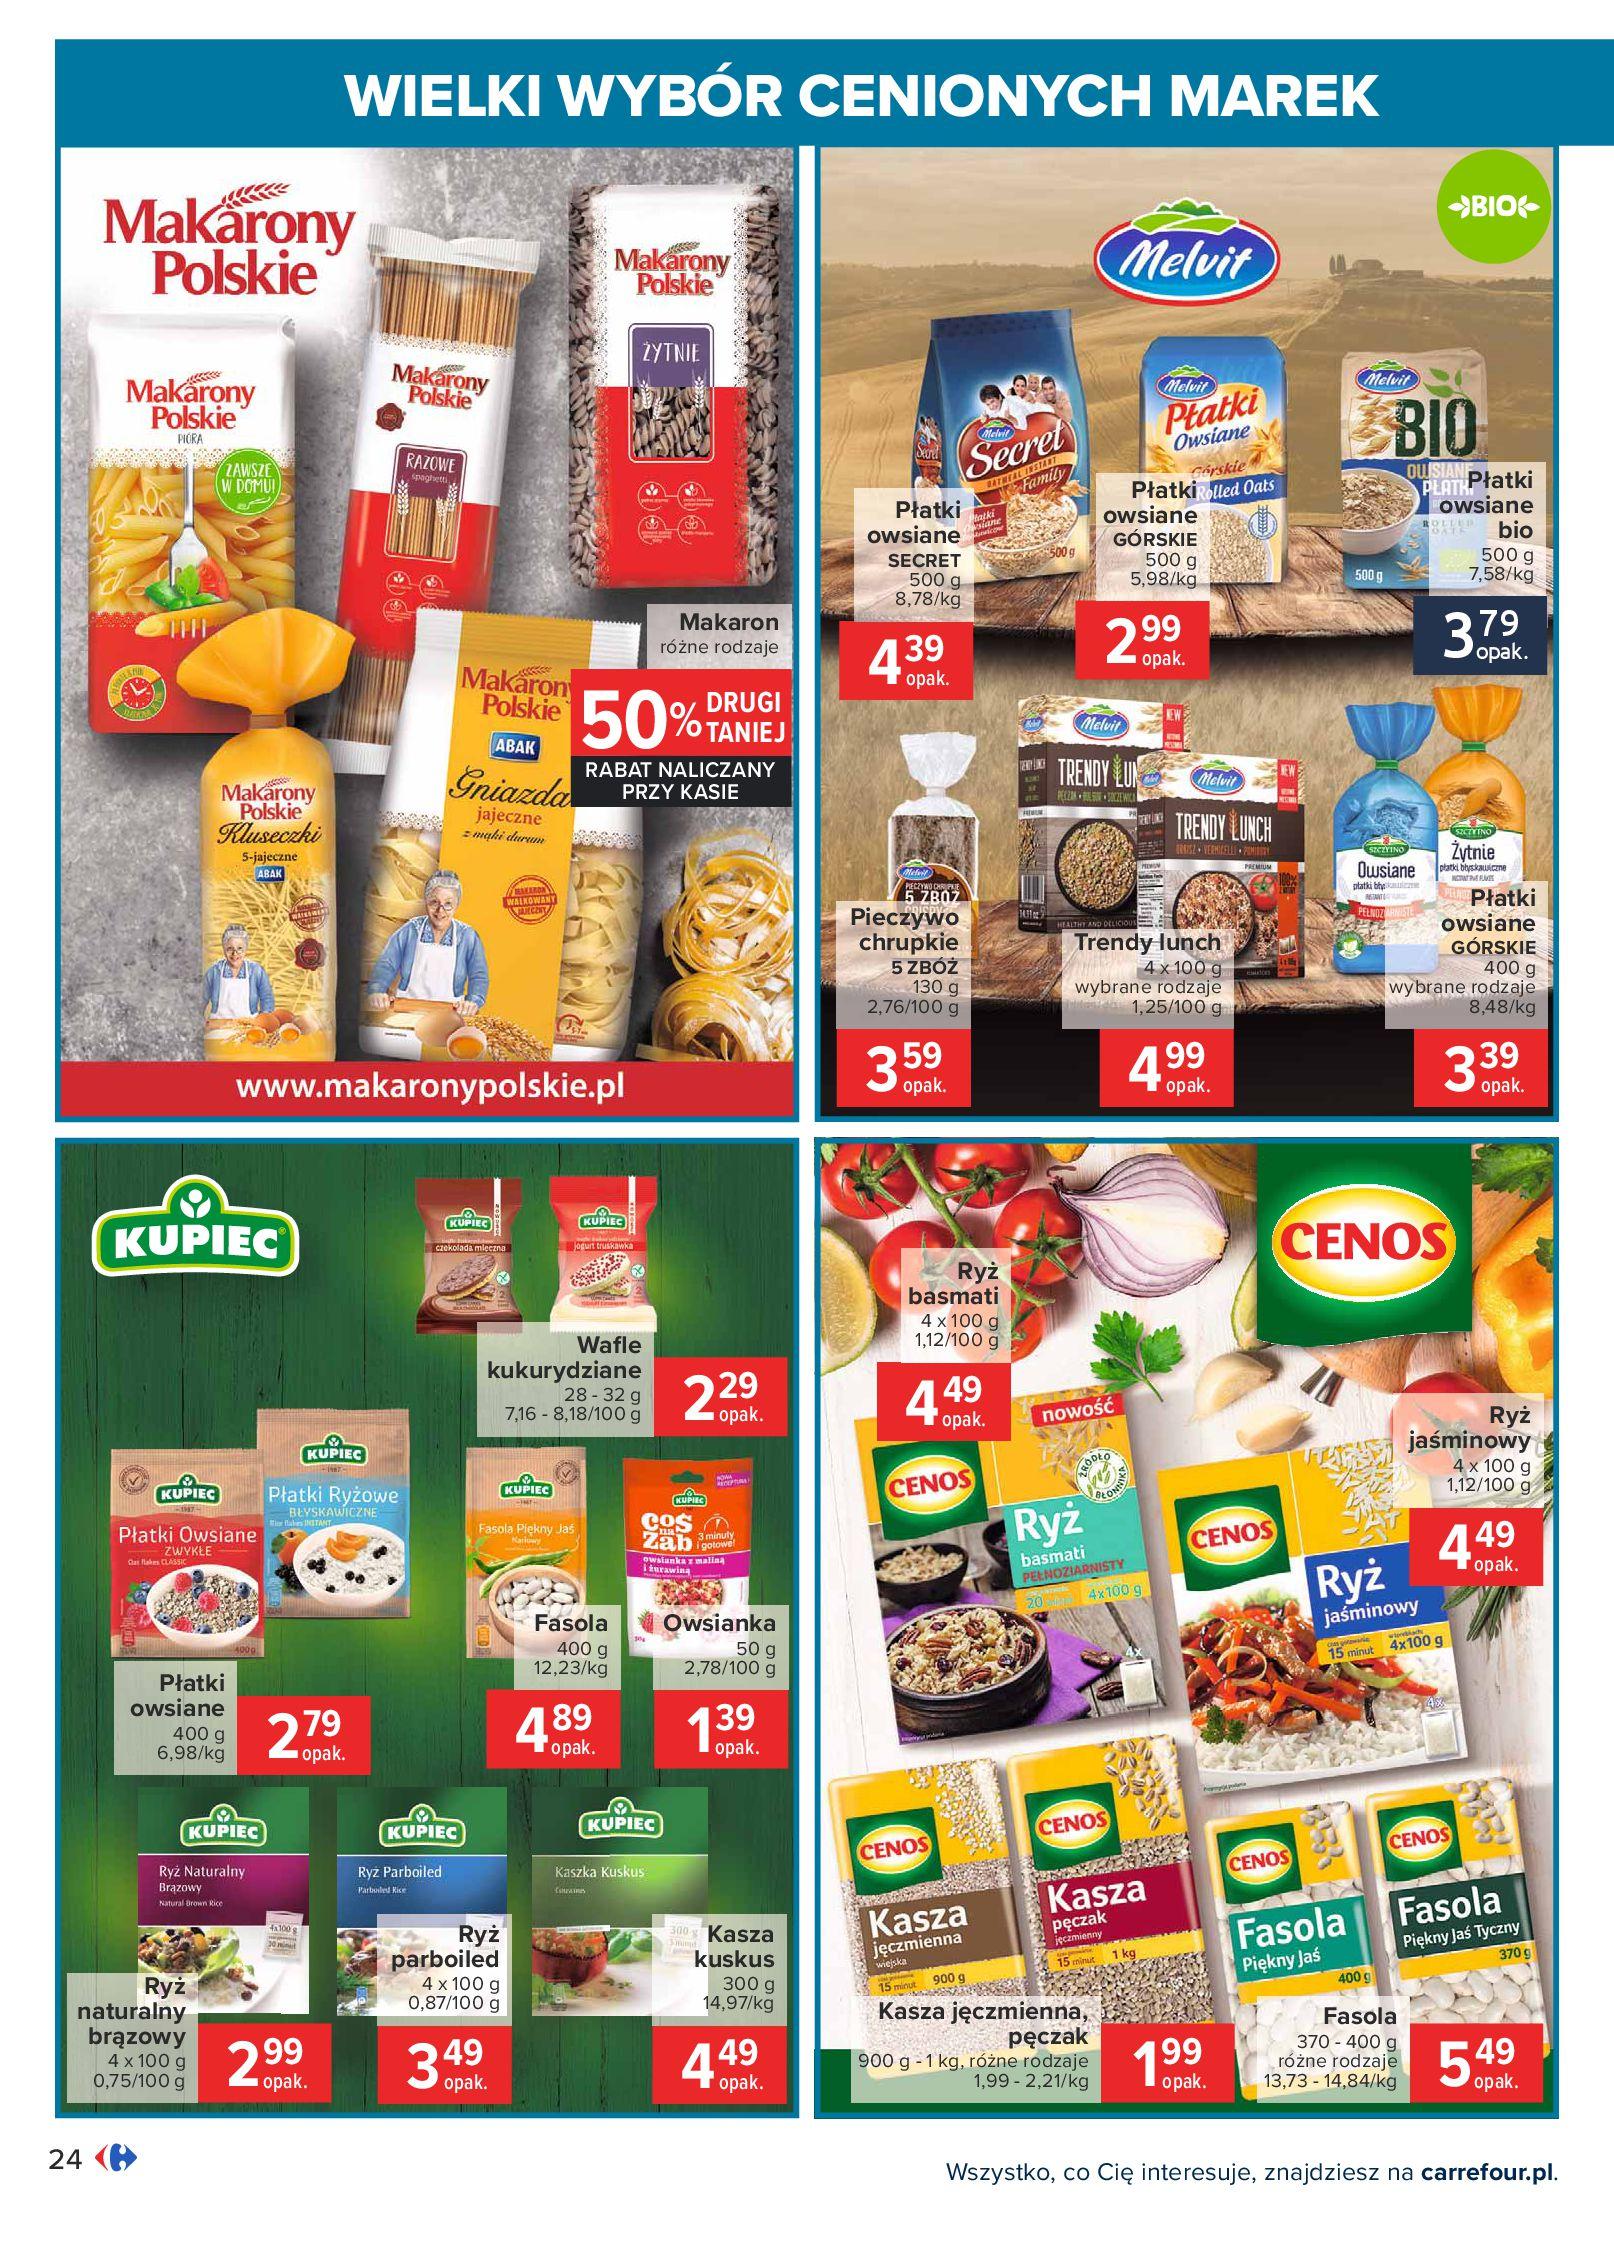 Gazetka Carrefour: Wielki wybór cenionych marek 2021-05-04 page-24